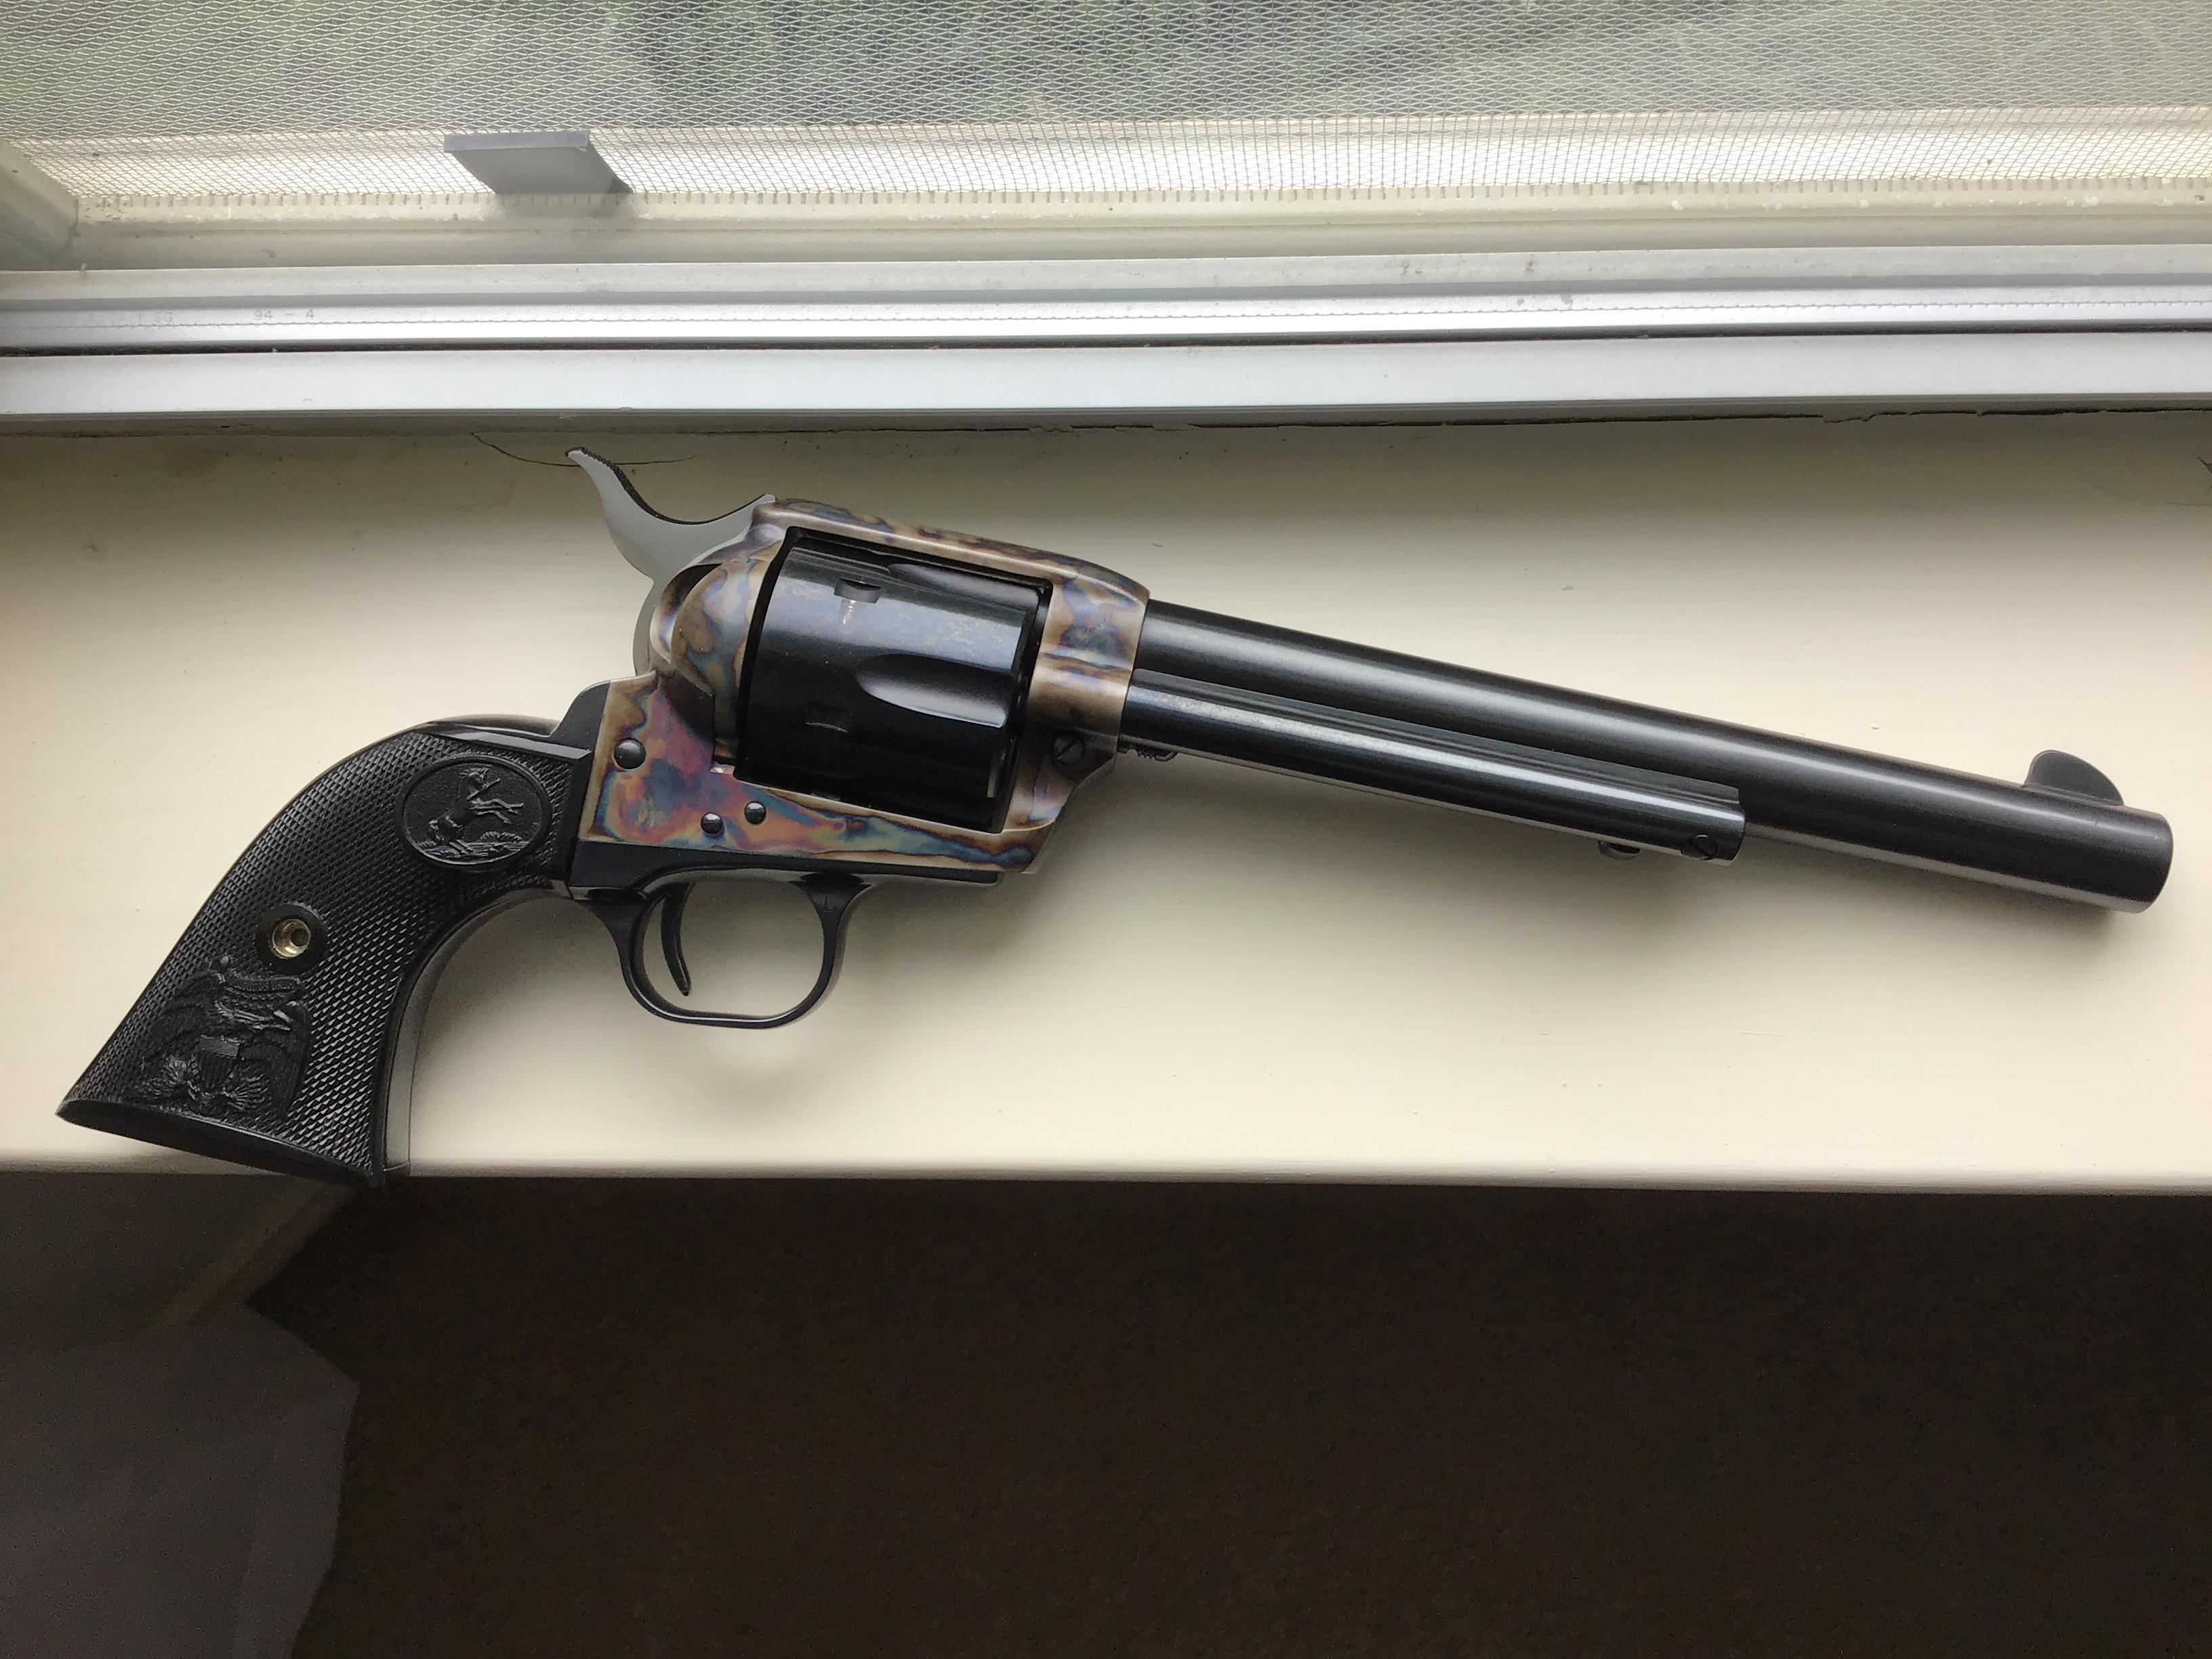 The BBQ gun.-e90b3309-d9d5-4728-b3c8-d856ac6ffe38.jpeg